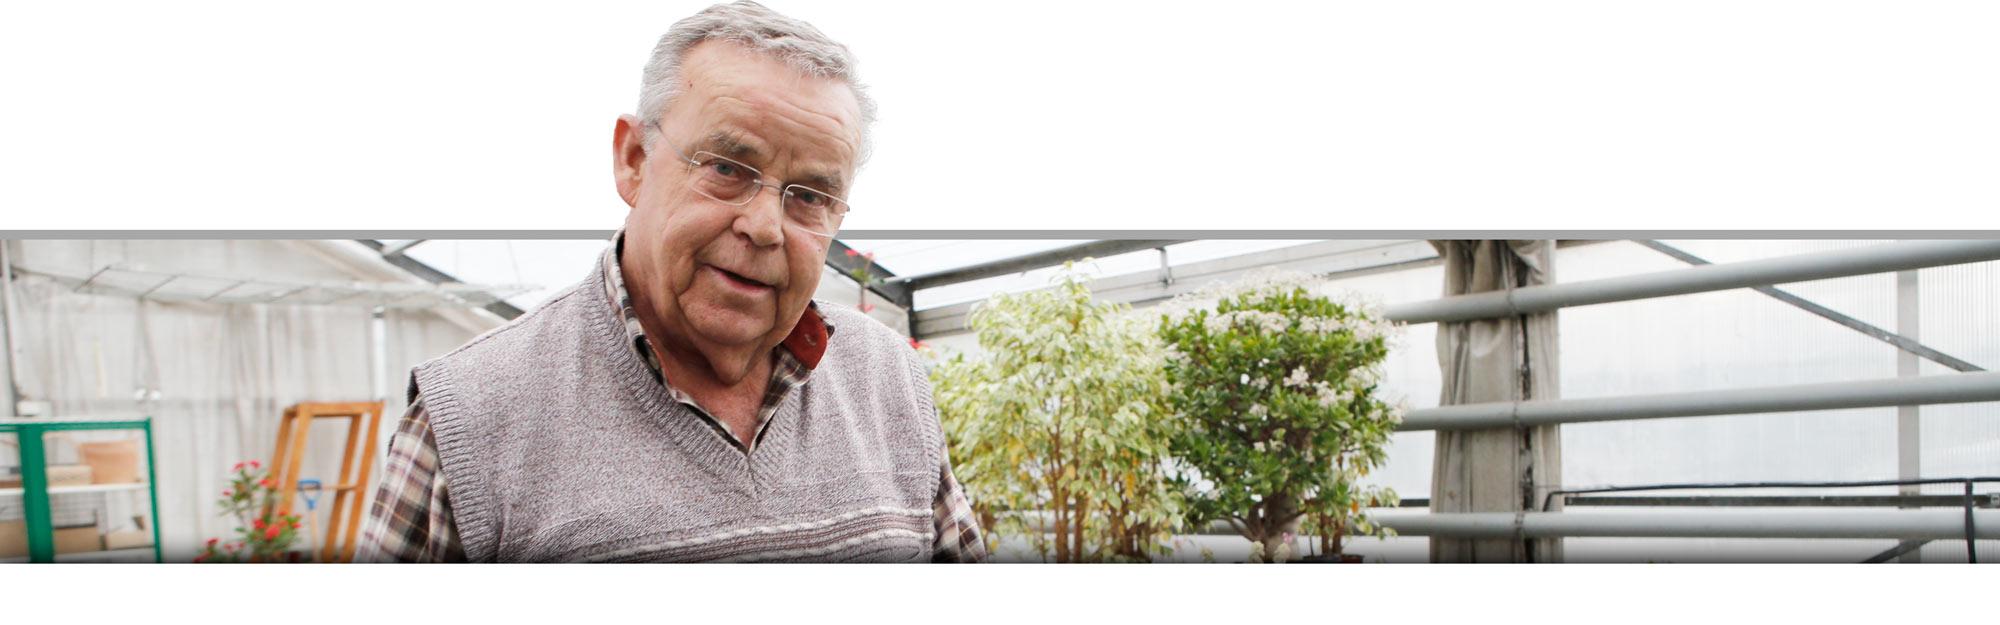 Joachim Knauf hatte lange eine Gärtnerei in Kursdorf. Er ist traurig, dass er seine Heimat verlassen muss.